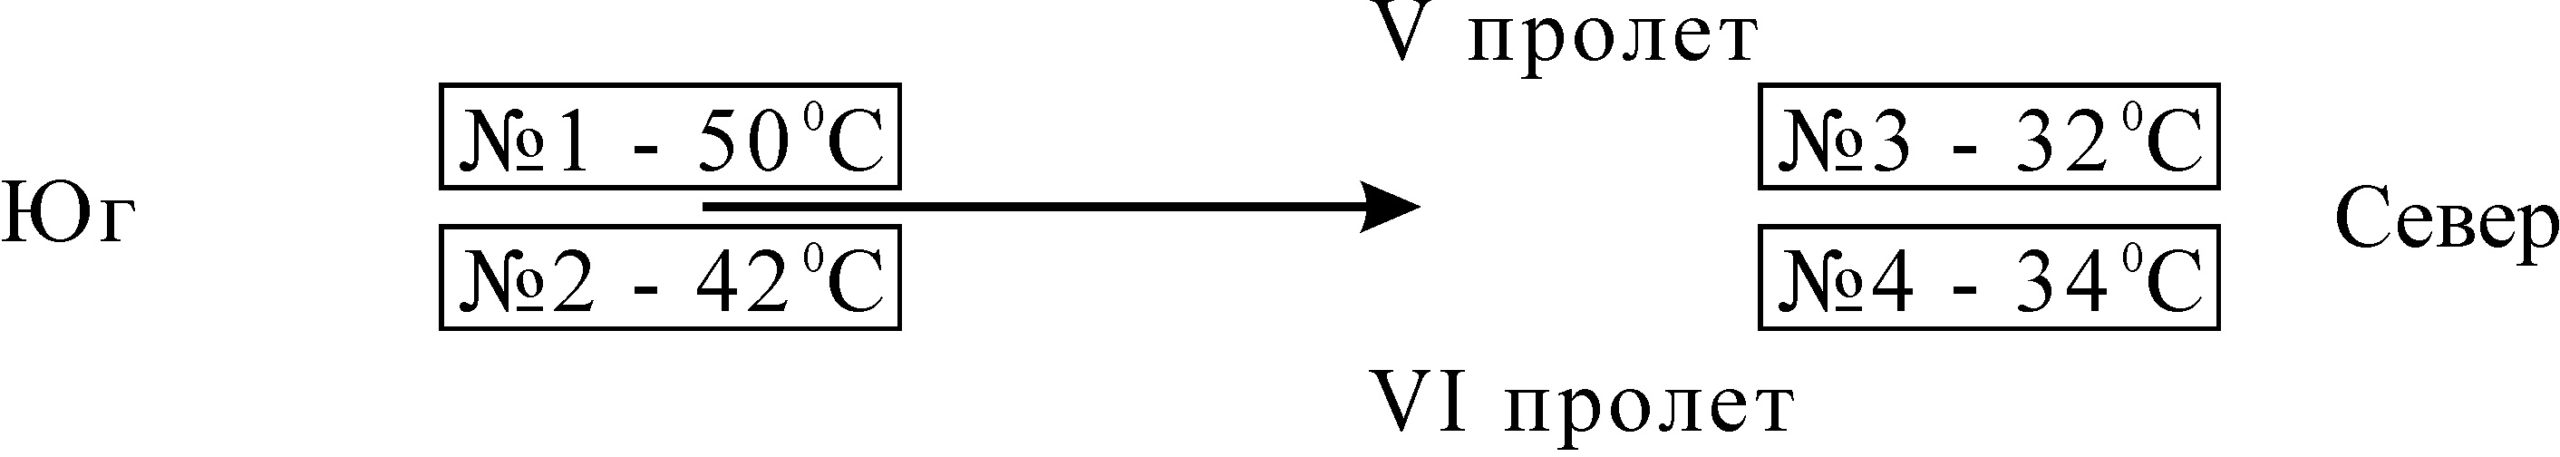 Рисунок 7 – Расположение гидроцилиндров и значения температуры по болтам крепления кронштейнов